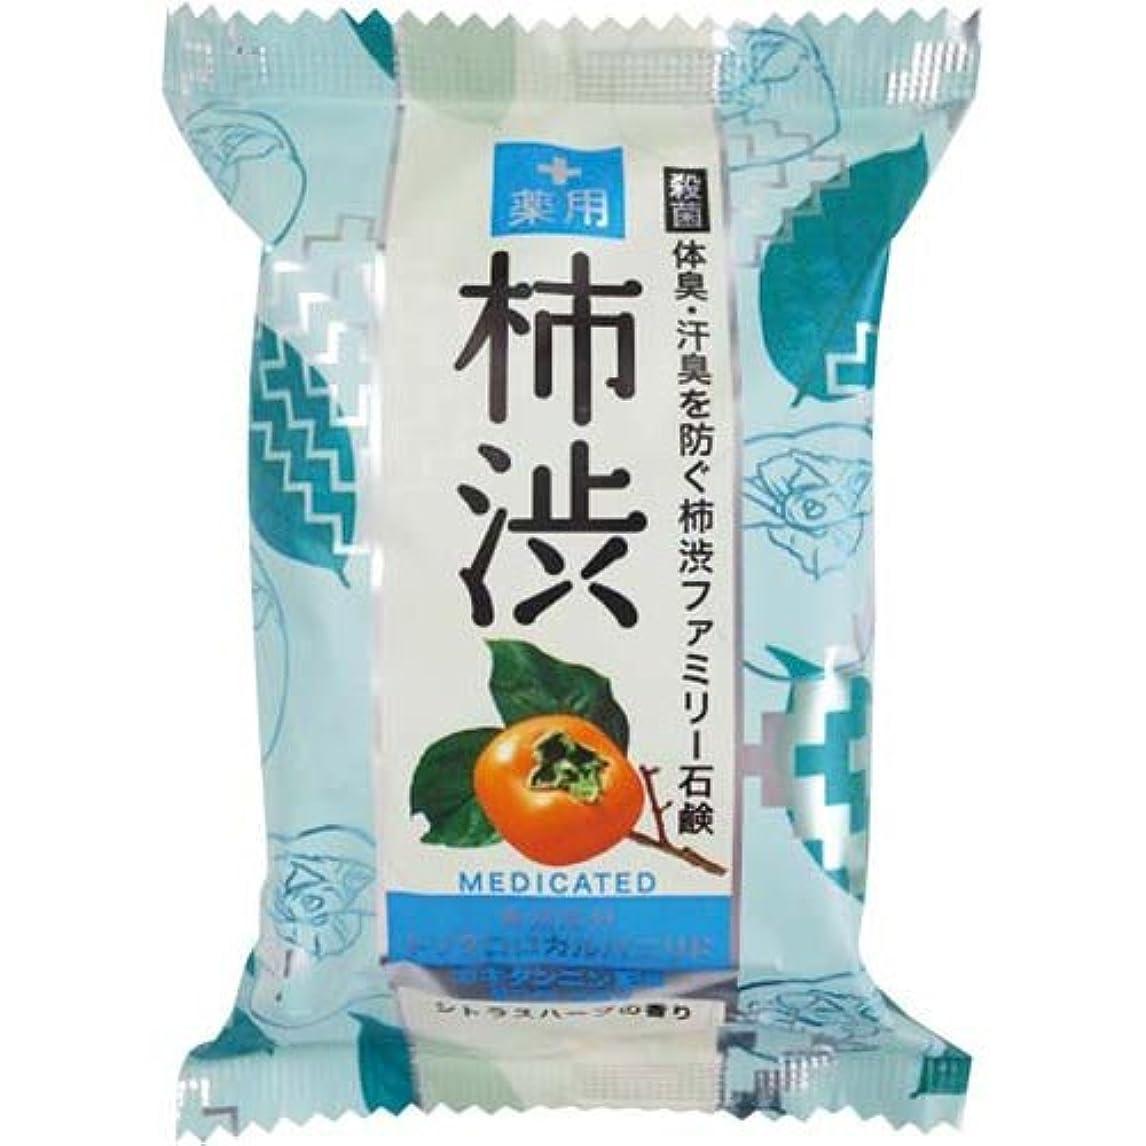 ランチ授業料変換ペリカン石鹸 薬用ファミリー柿渋石鹸×6個×4箱